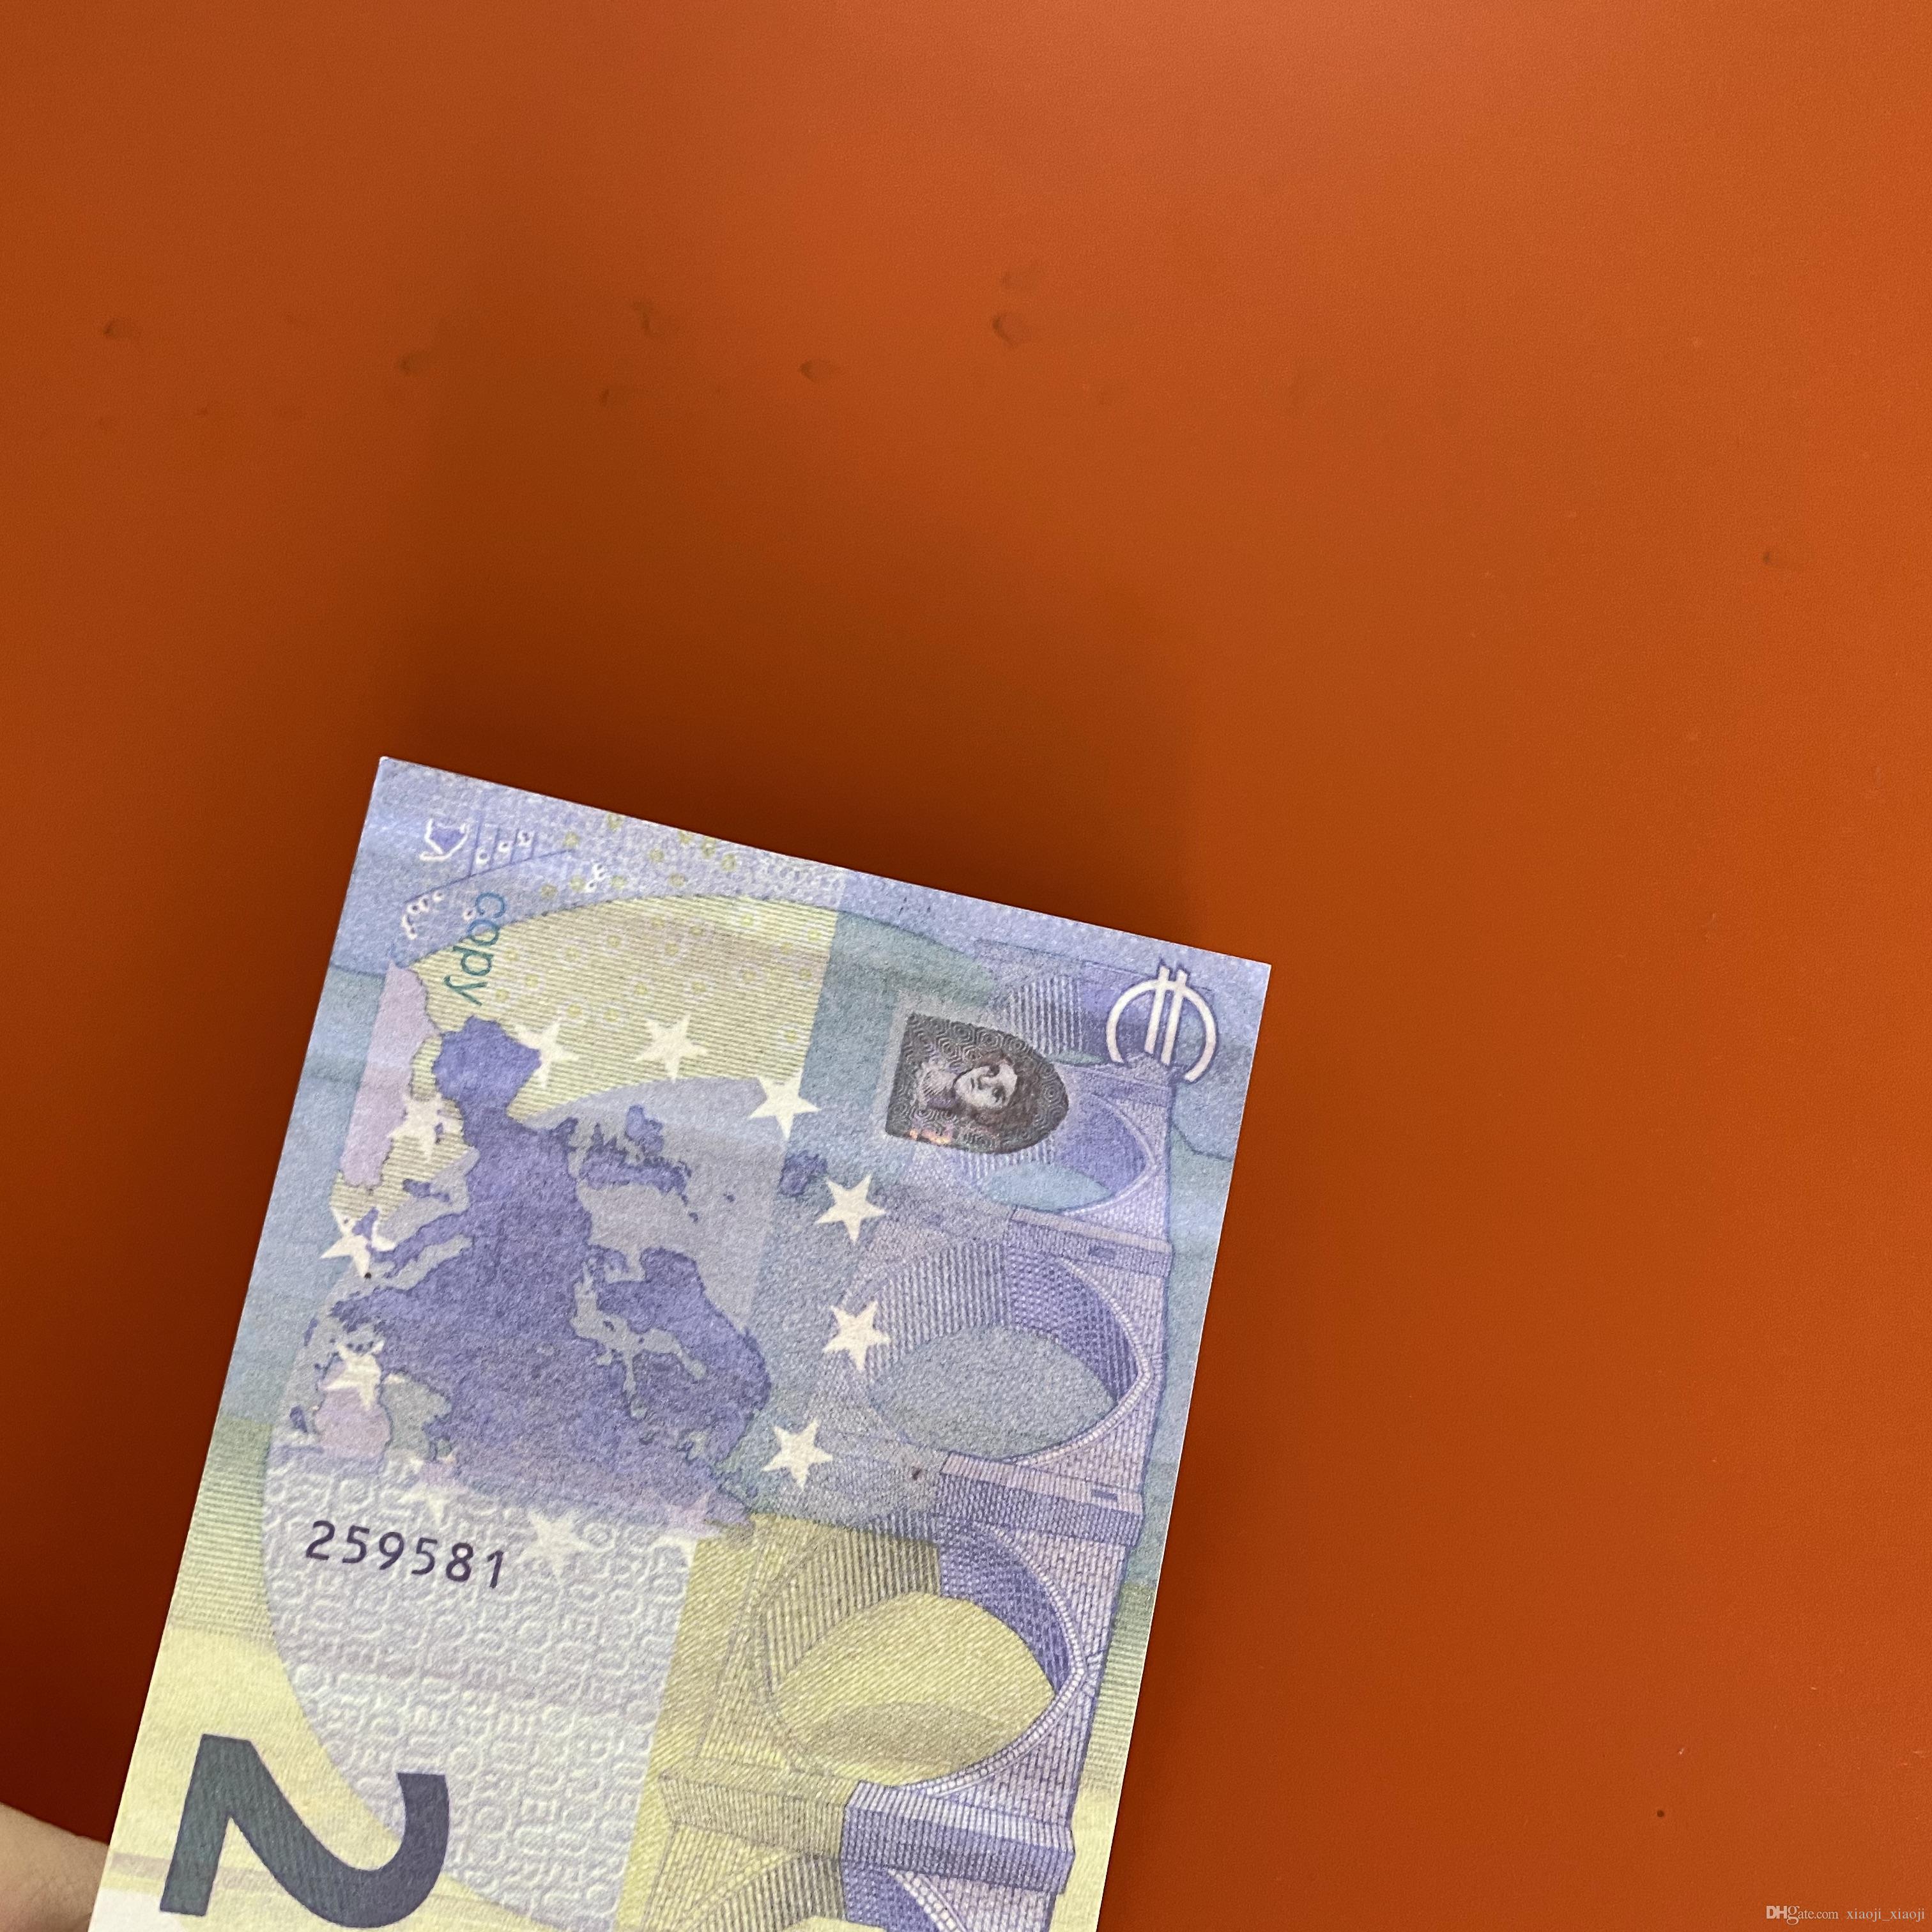 / euro / dollar réaliste américain Toy185 Game familial ou billet de banque papier enfants 100pcs / pack prop copier l'argent le plus jcobd